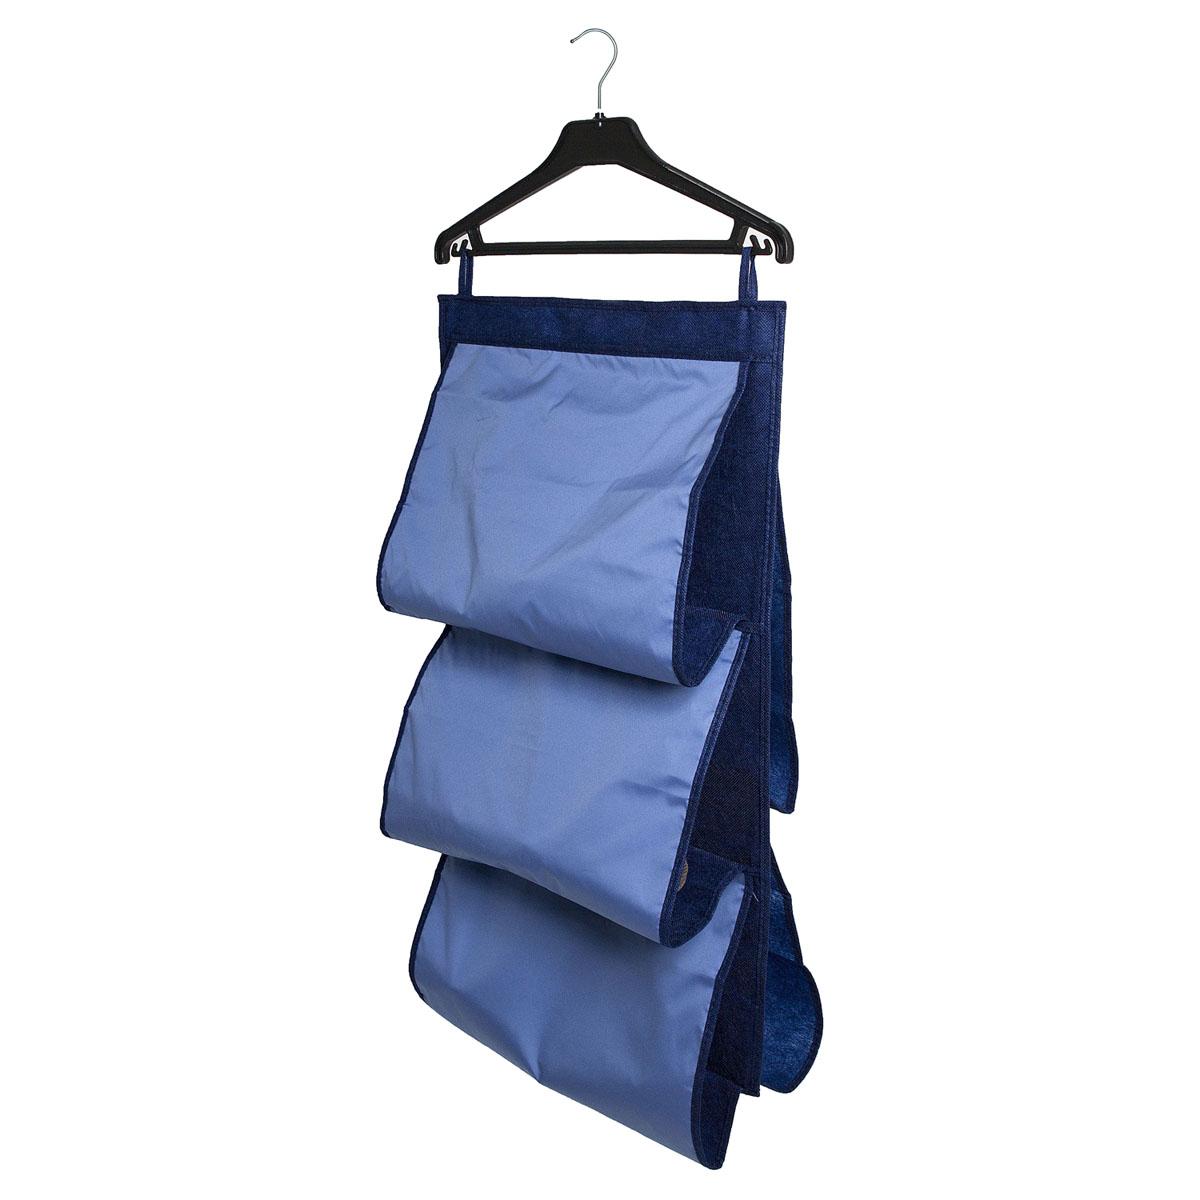 Органайзер для сумок Homsu Bluе Sky, 5 отделений, 40 х 70 смHOM-49Органайзер для хранения сумок Homsu Bluе Sky изготовлен из полиэстера. Изделие имеет 5 отделений, его можно повесить в удобное место за крючки. Такой компактный и удобный в каждодневном использовании аксессуар, как этот органайзер, размещающийся в пространстве шкафа, на плоскости стены или дверей.Практичный и удобный органайзер для хранения сумок.Размер чехла: 40 х 70 см.